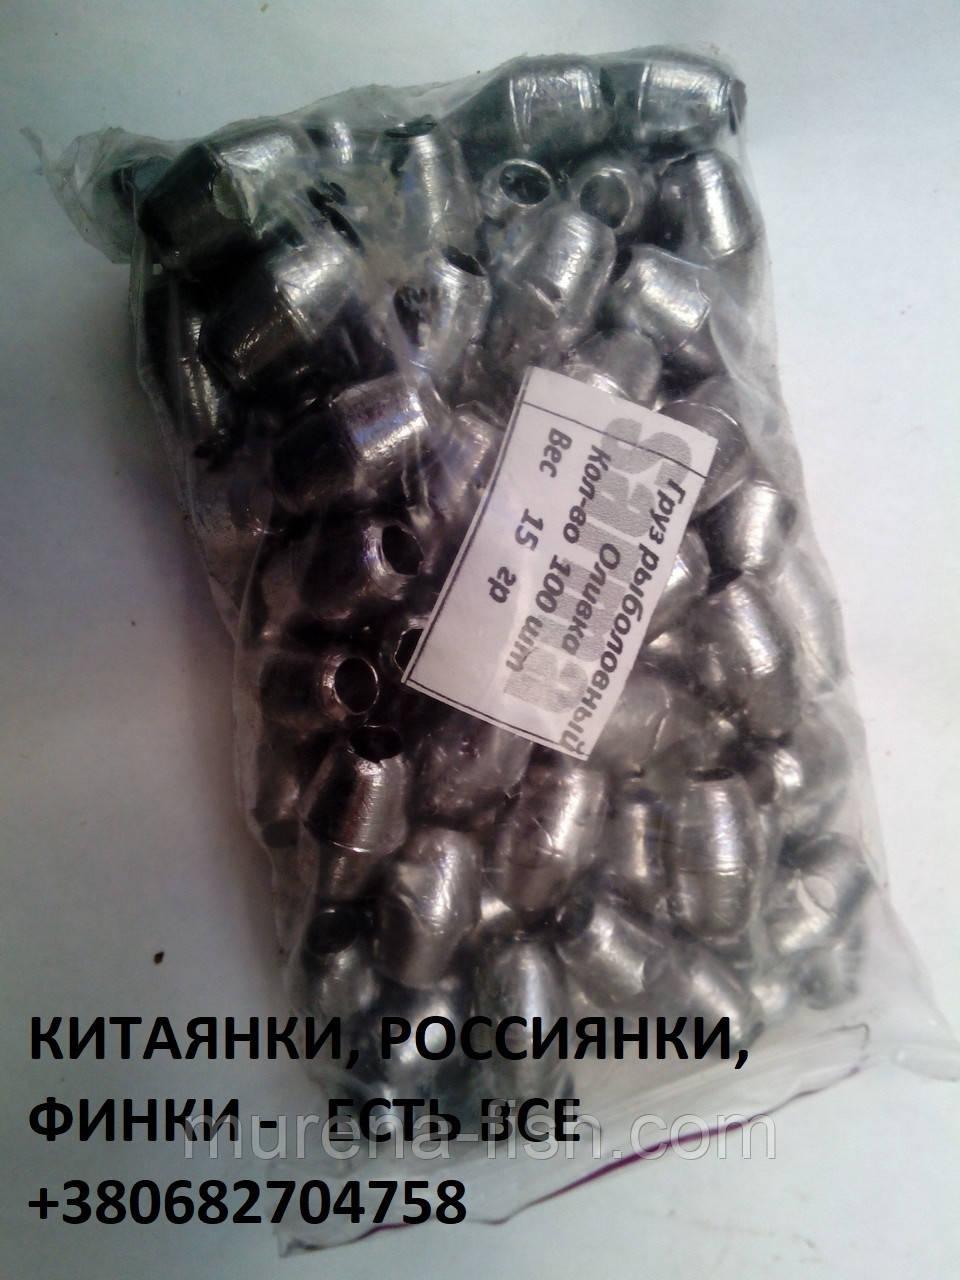 Вантаж наскрізний Олива 15 грам (100 шт.\уп.)